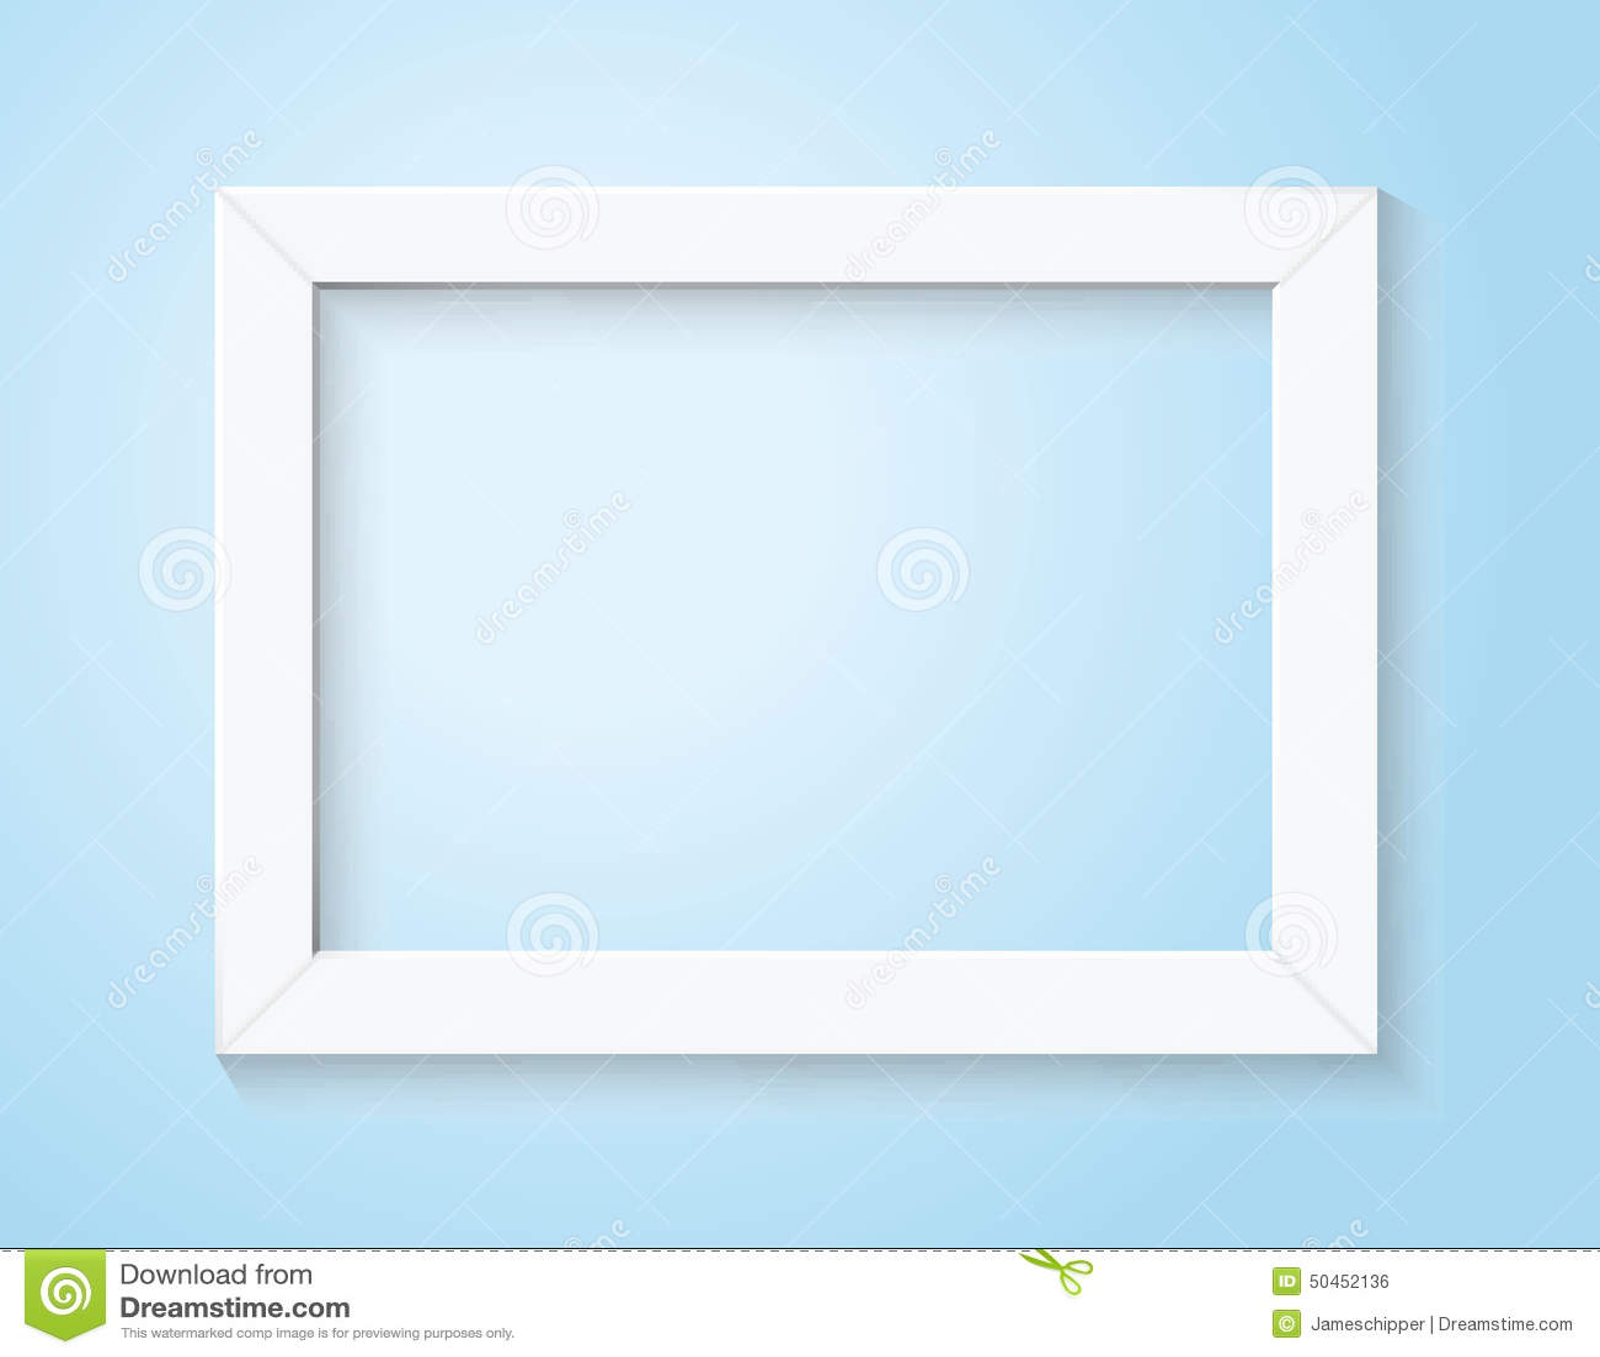 Berühmt 8x10 Weißer Rahmen Mit Matte Bilder - Benutzerdefinierte ...